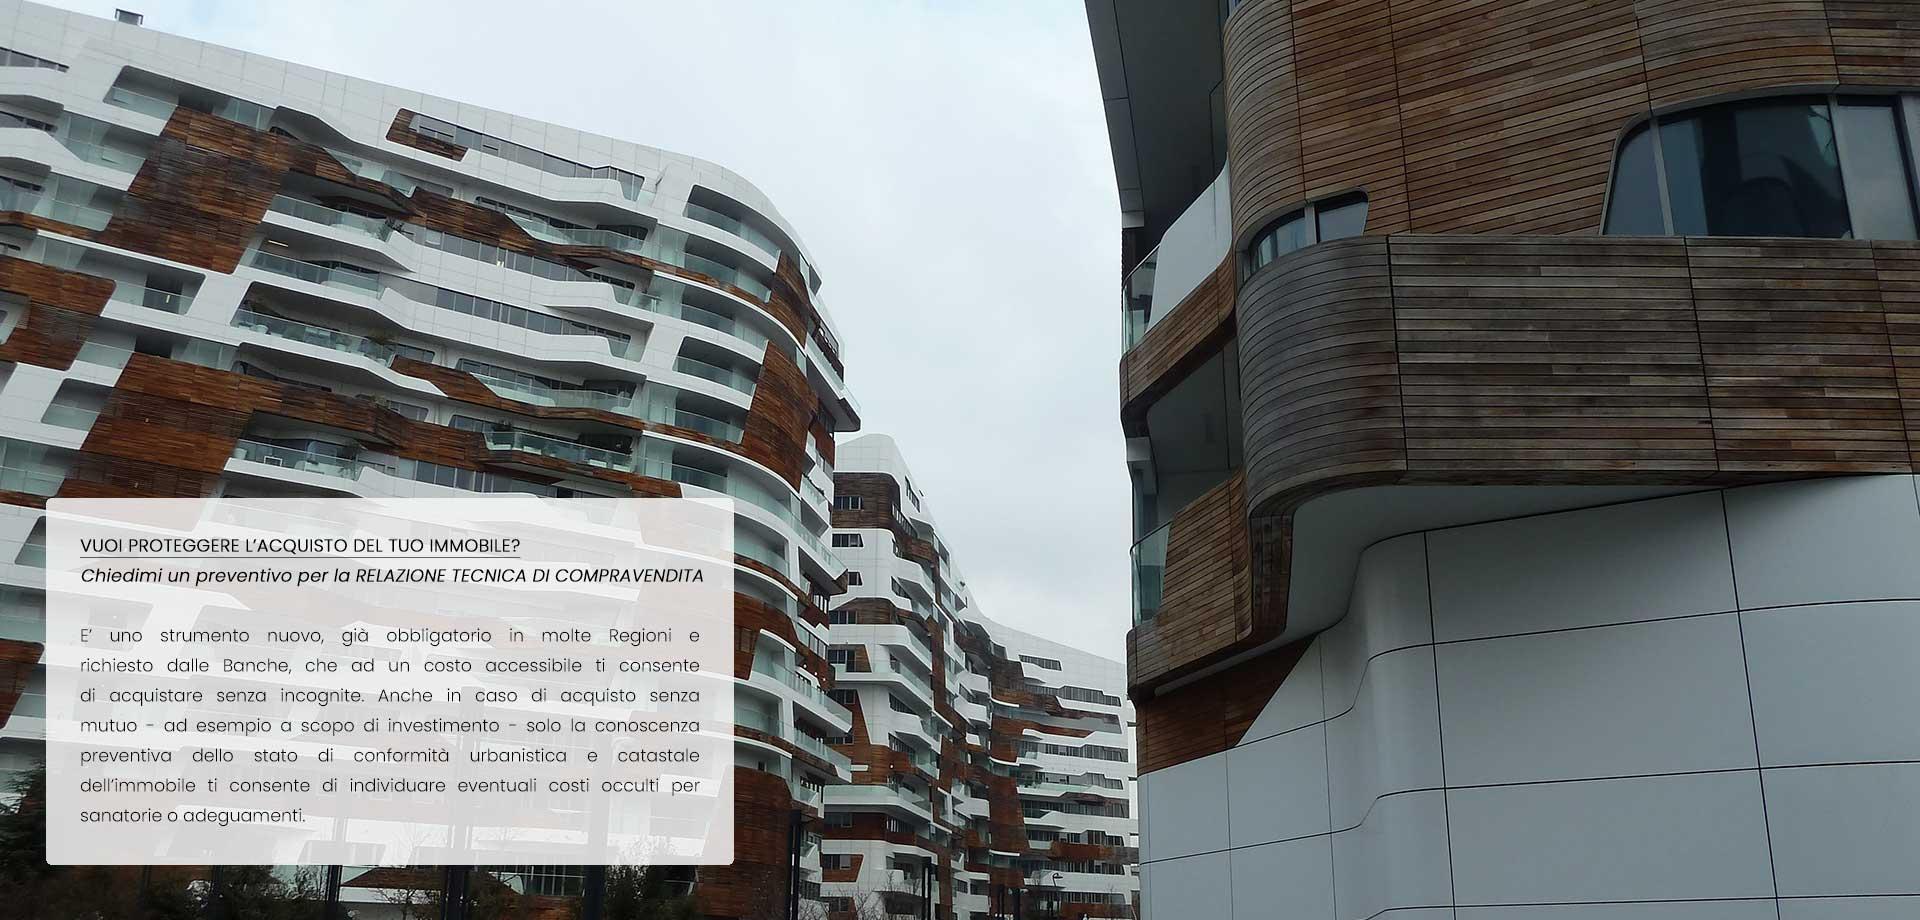 giorgio-rossetti-architetto-claim2020-09